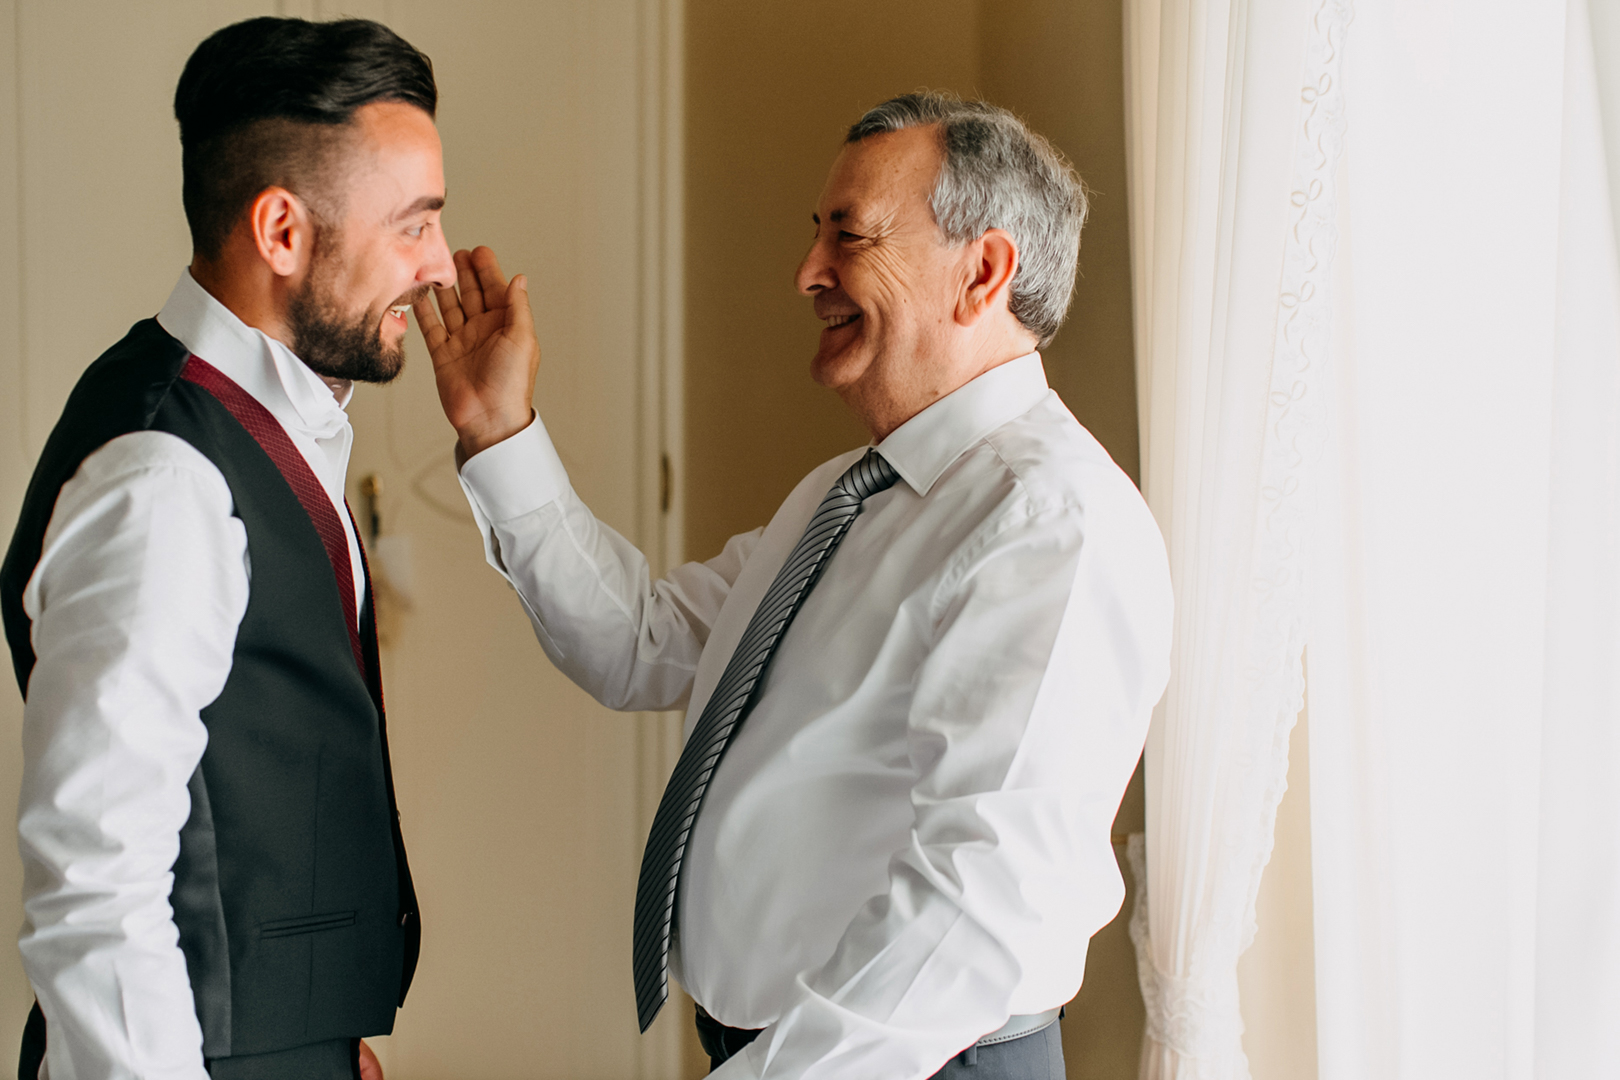 9 gianni-lepore-papà-sposo-abito-amore-matrimonio-emozioni